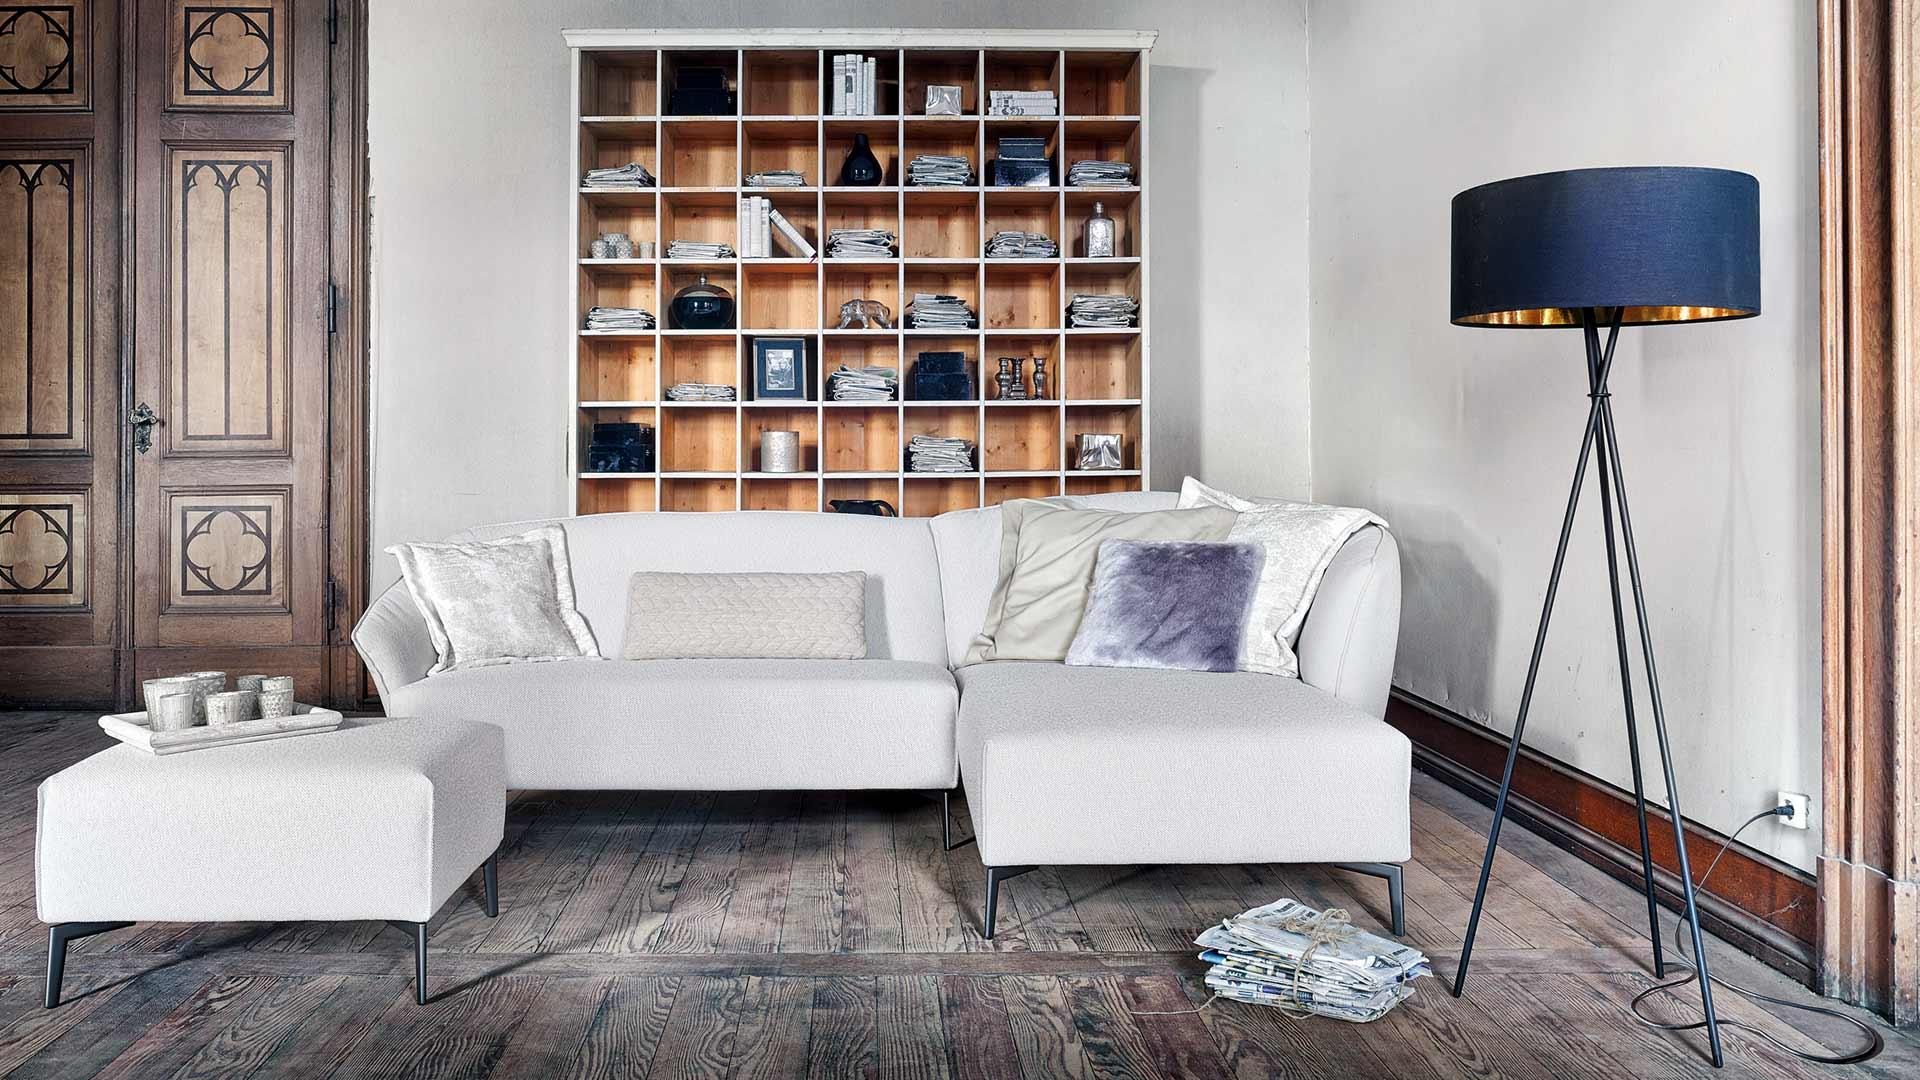 contur 8700 von contur einrichtungen in wasserburg hege nahe lindau und friedrichshafen. Black Bedroom Furniture Sets. Home Design Ideas